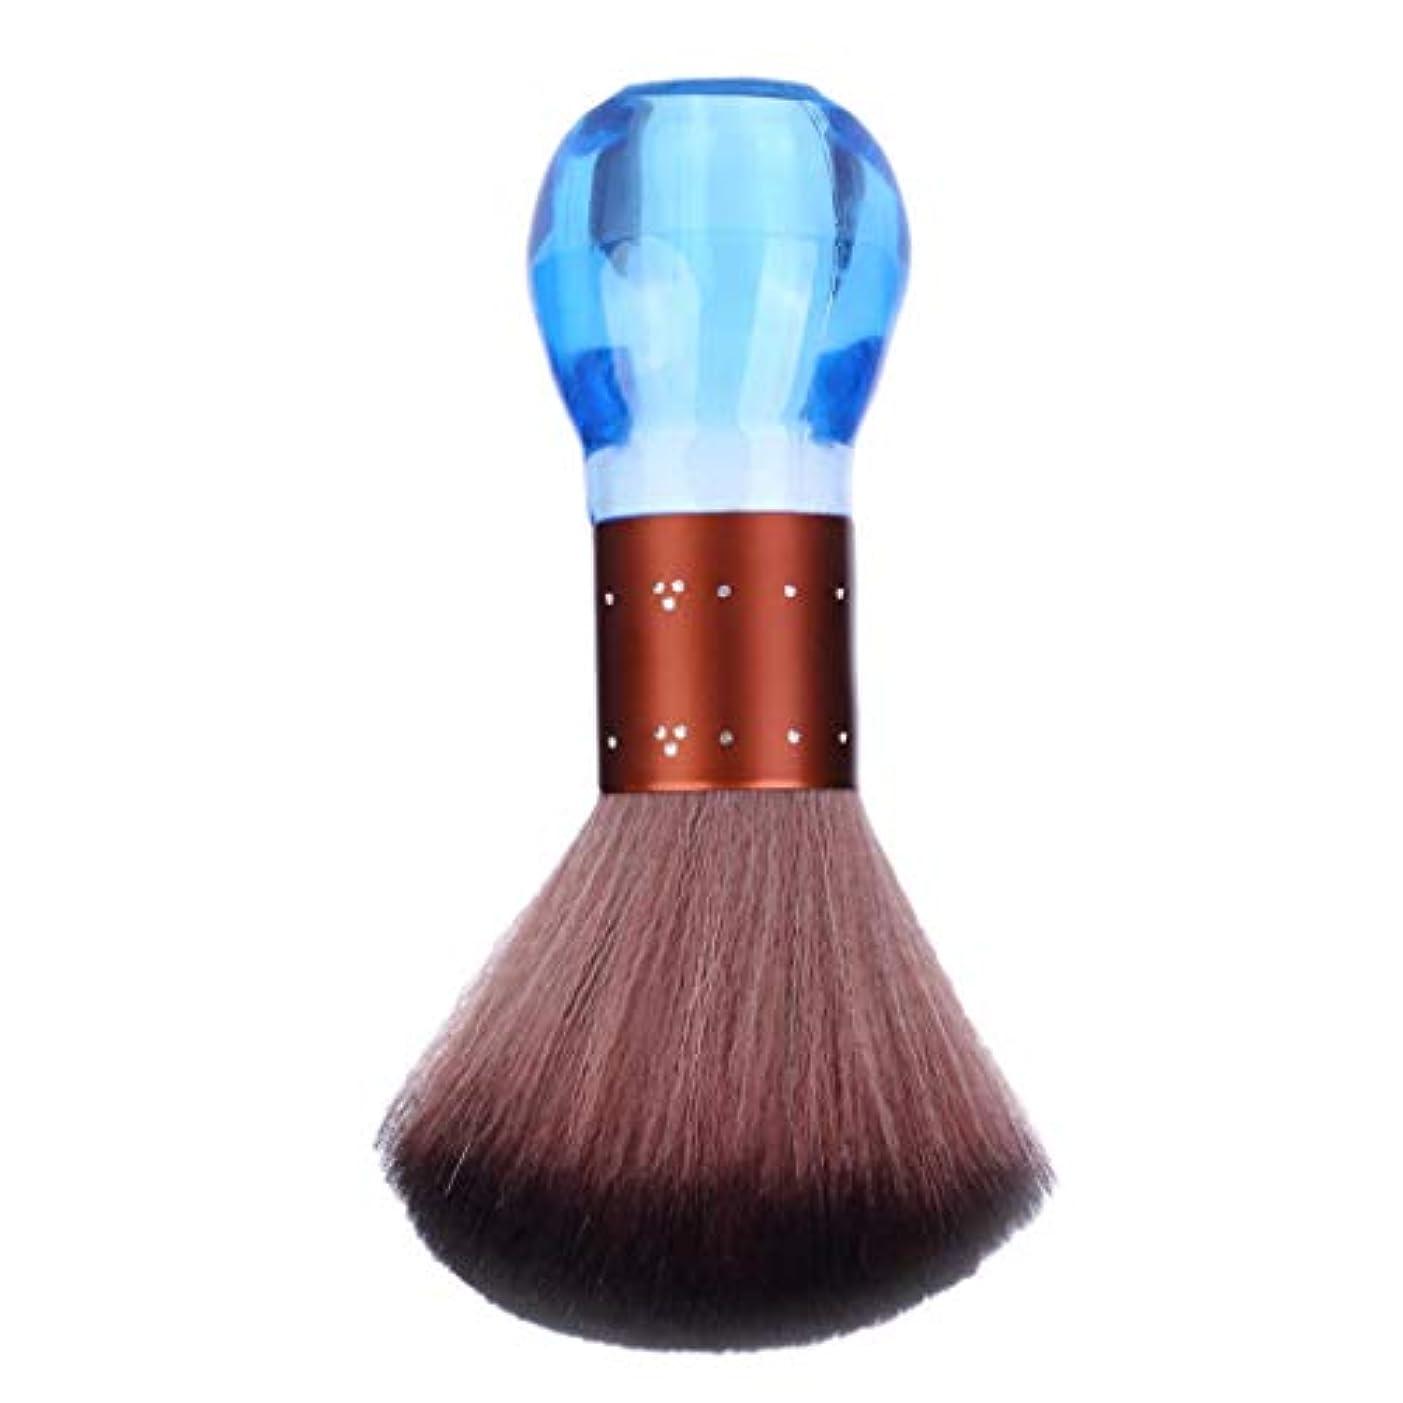 ジュラシックパークスピーカー和CUTICATE ヘアカットブラシネックダスター洗浄理髪美容掃除ヘアブラシ